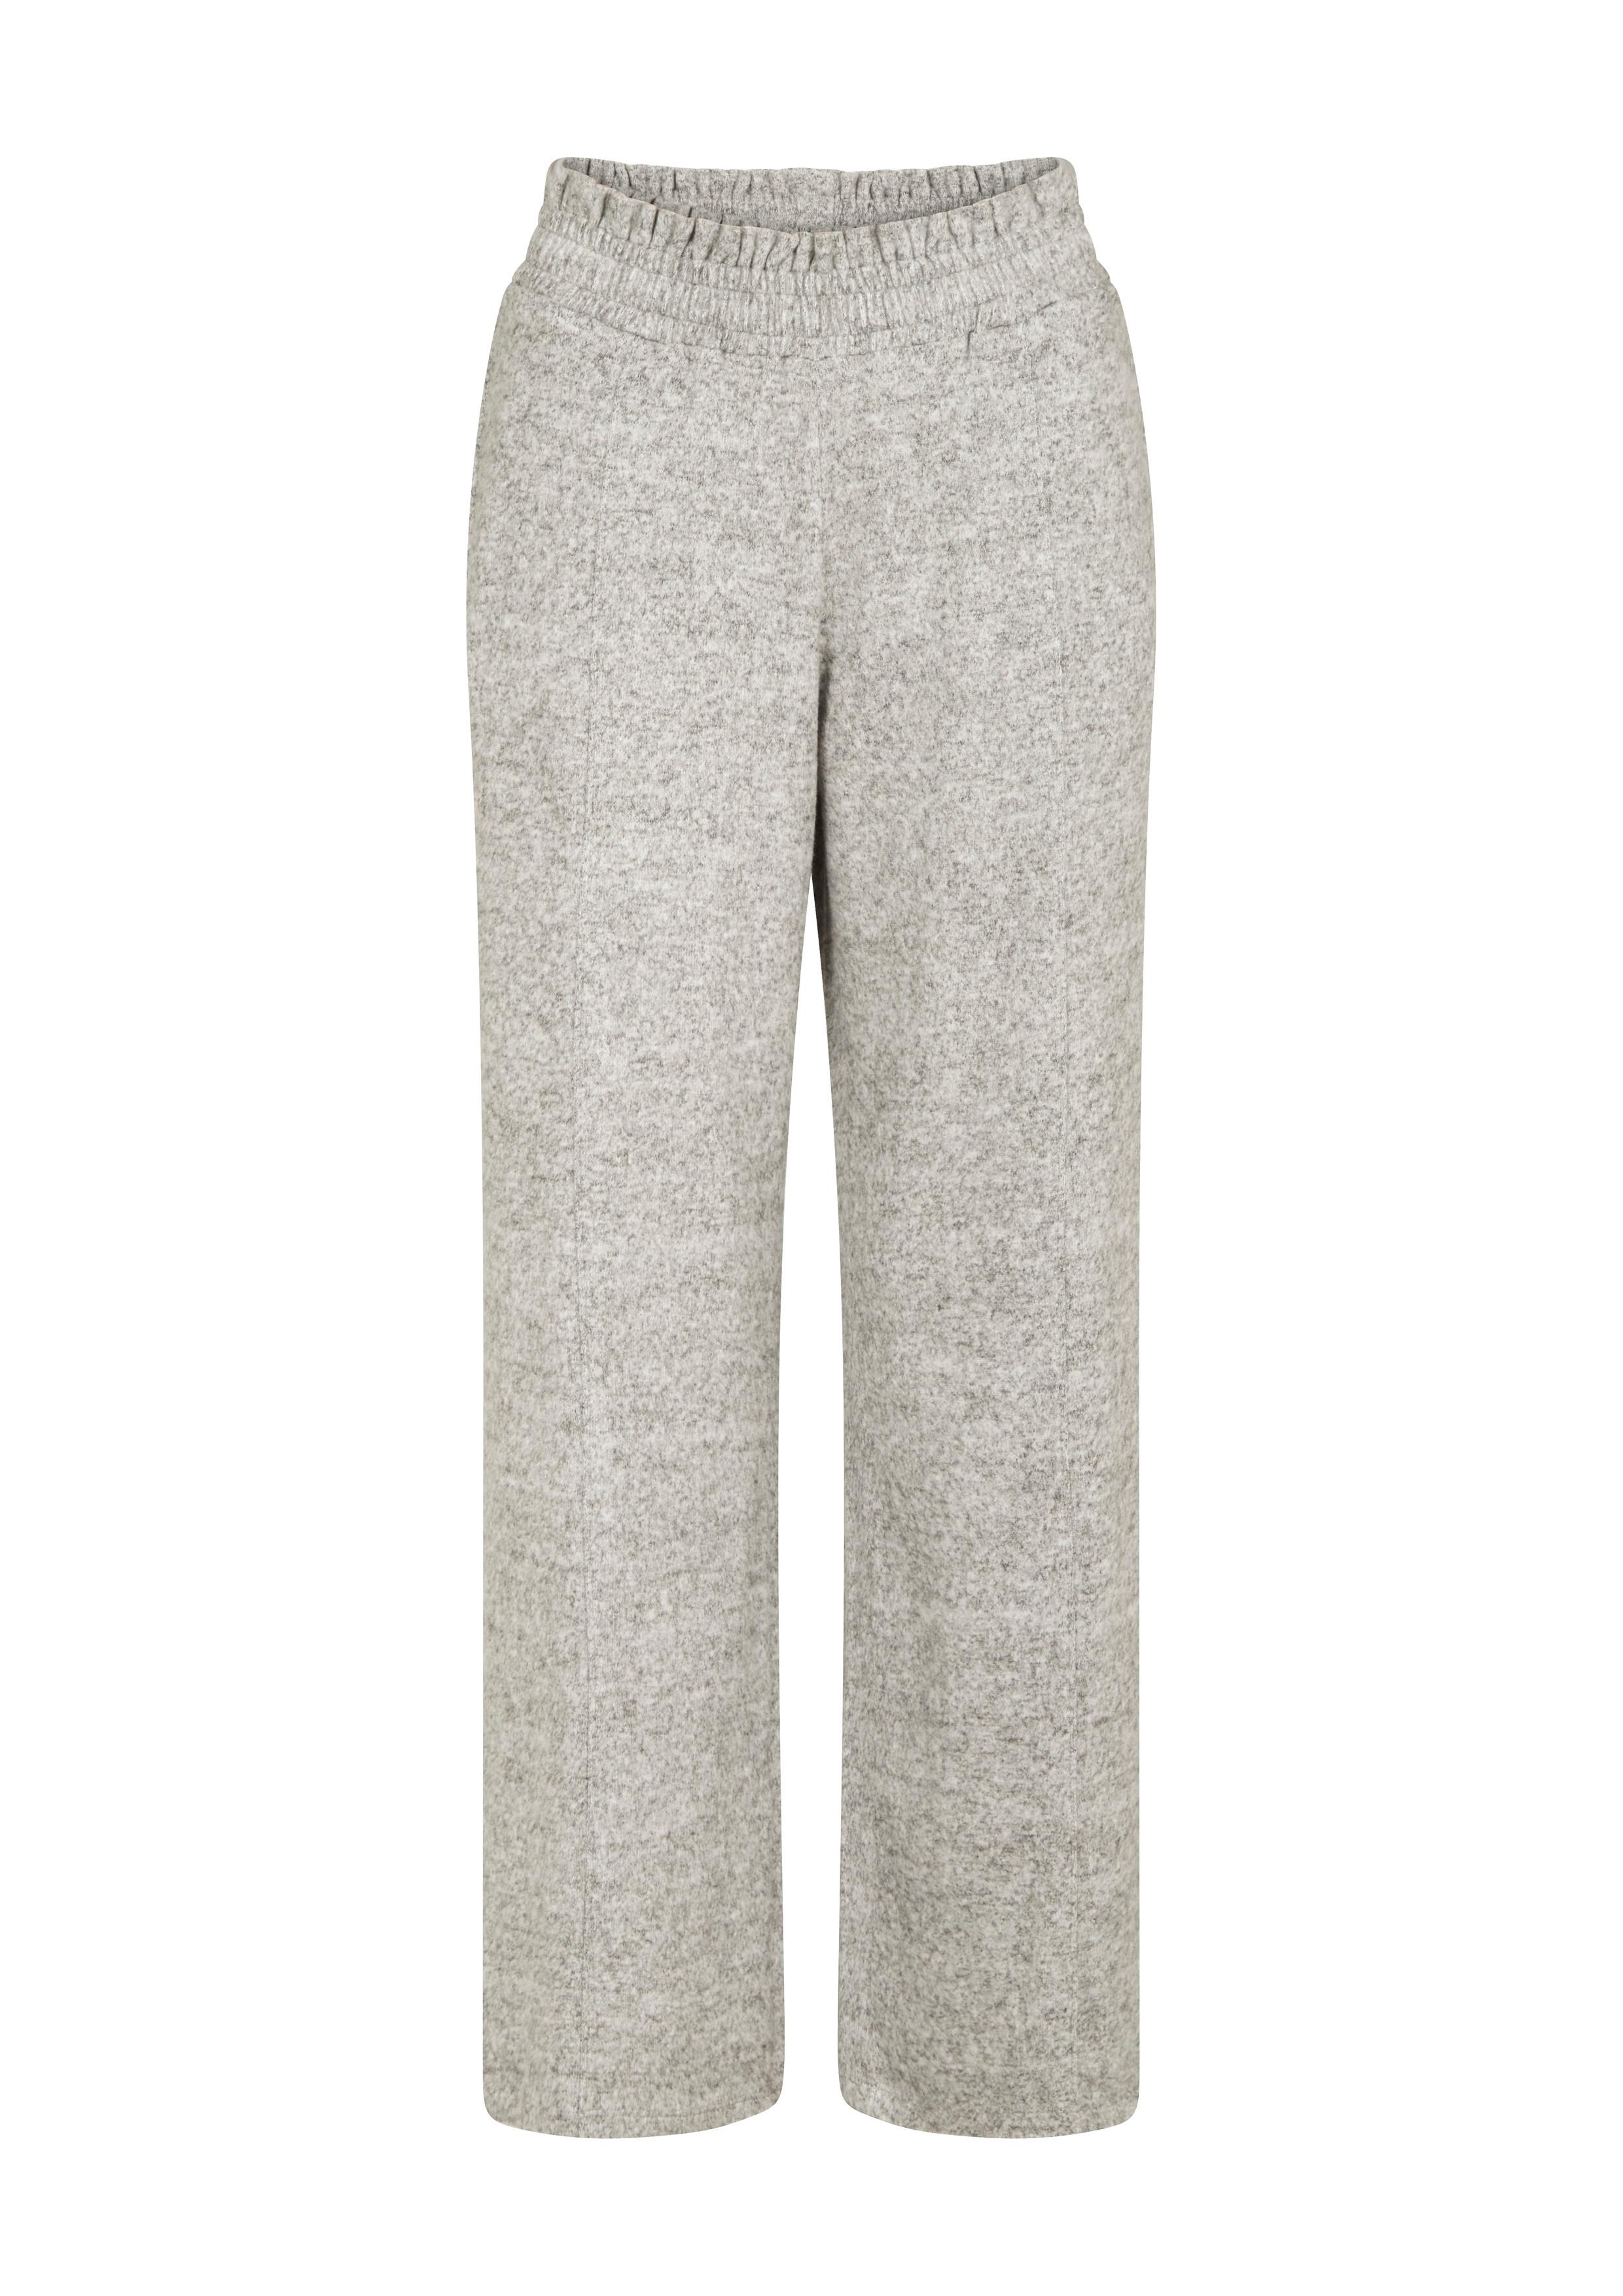 Pantaloni tuta, Grigio, large image number 0